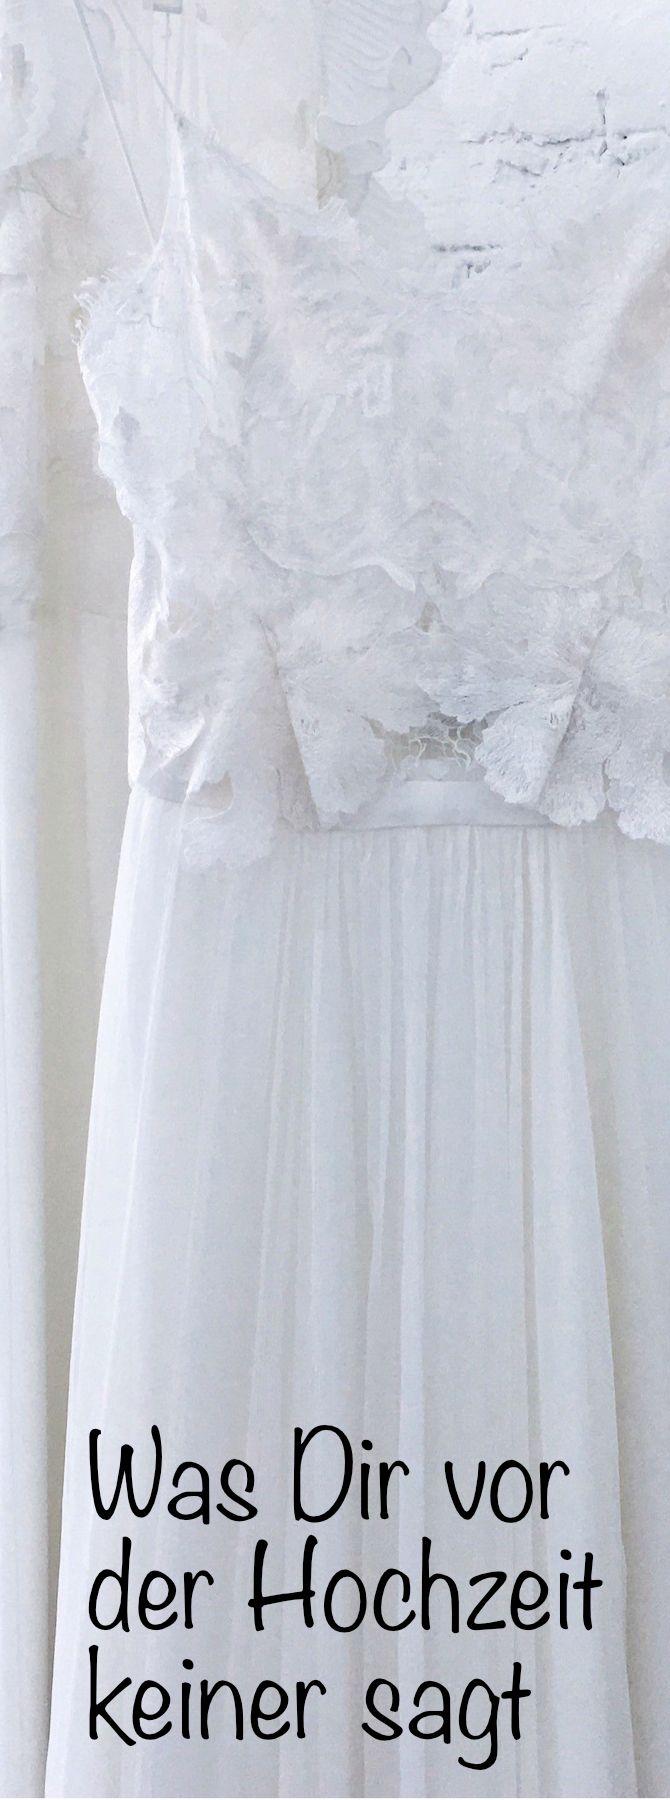 Hochzeit planen: Was Dir vorher keiner sagt